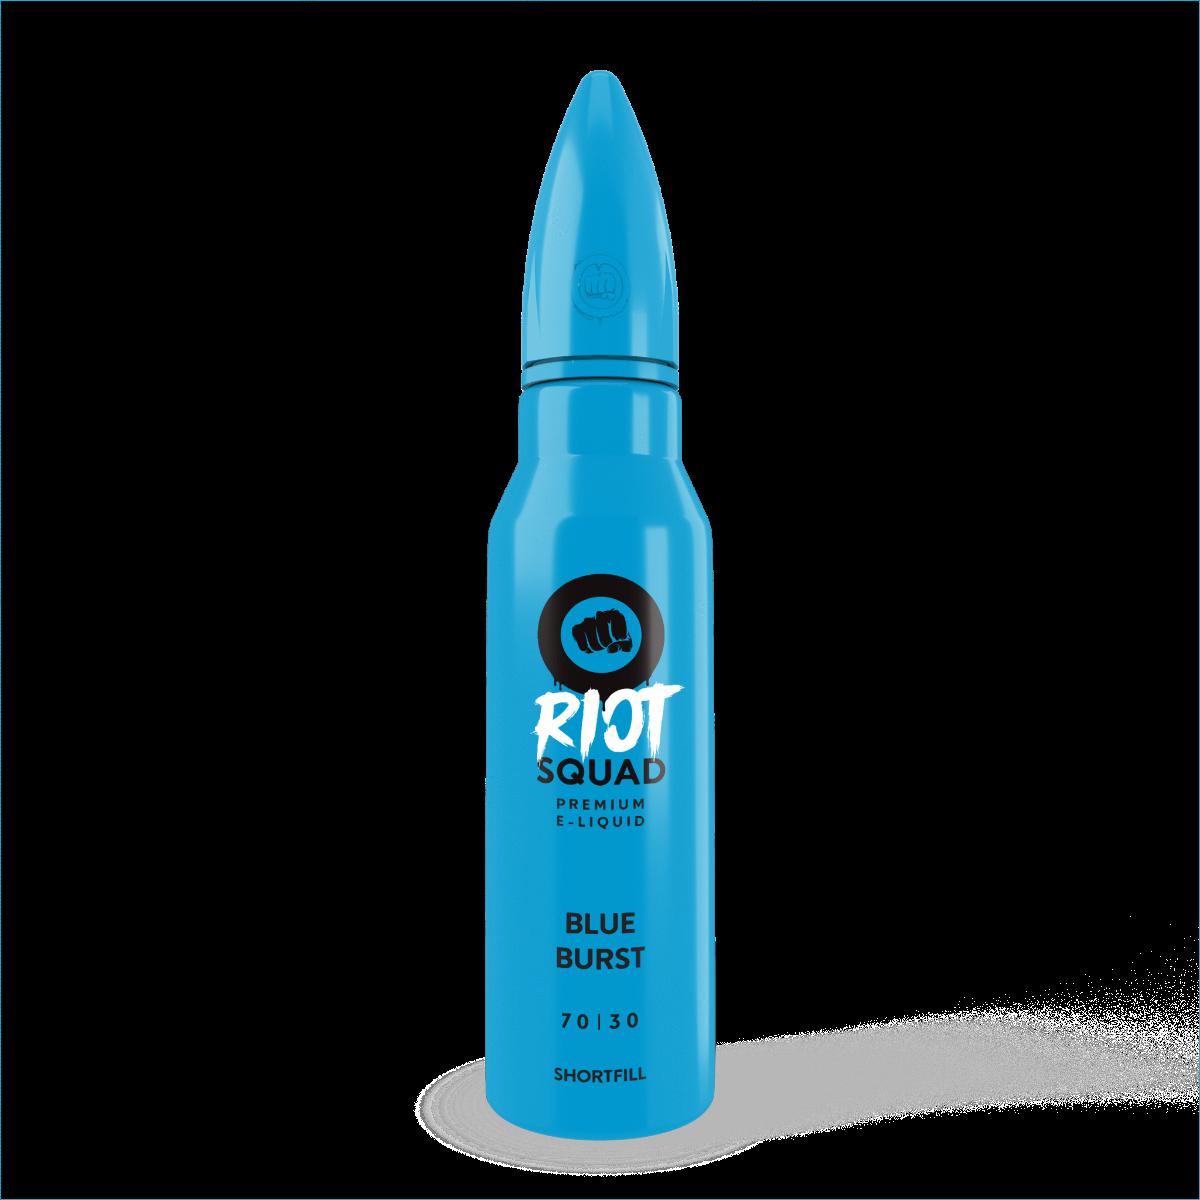 Riot Squad Blue Burst 50ml Shortfill